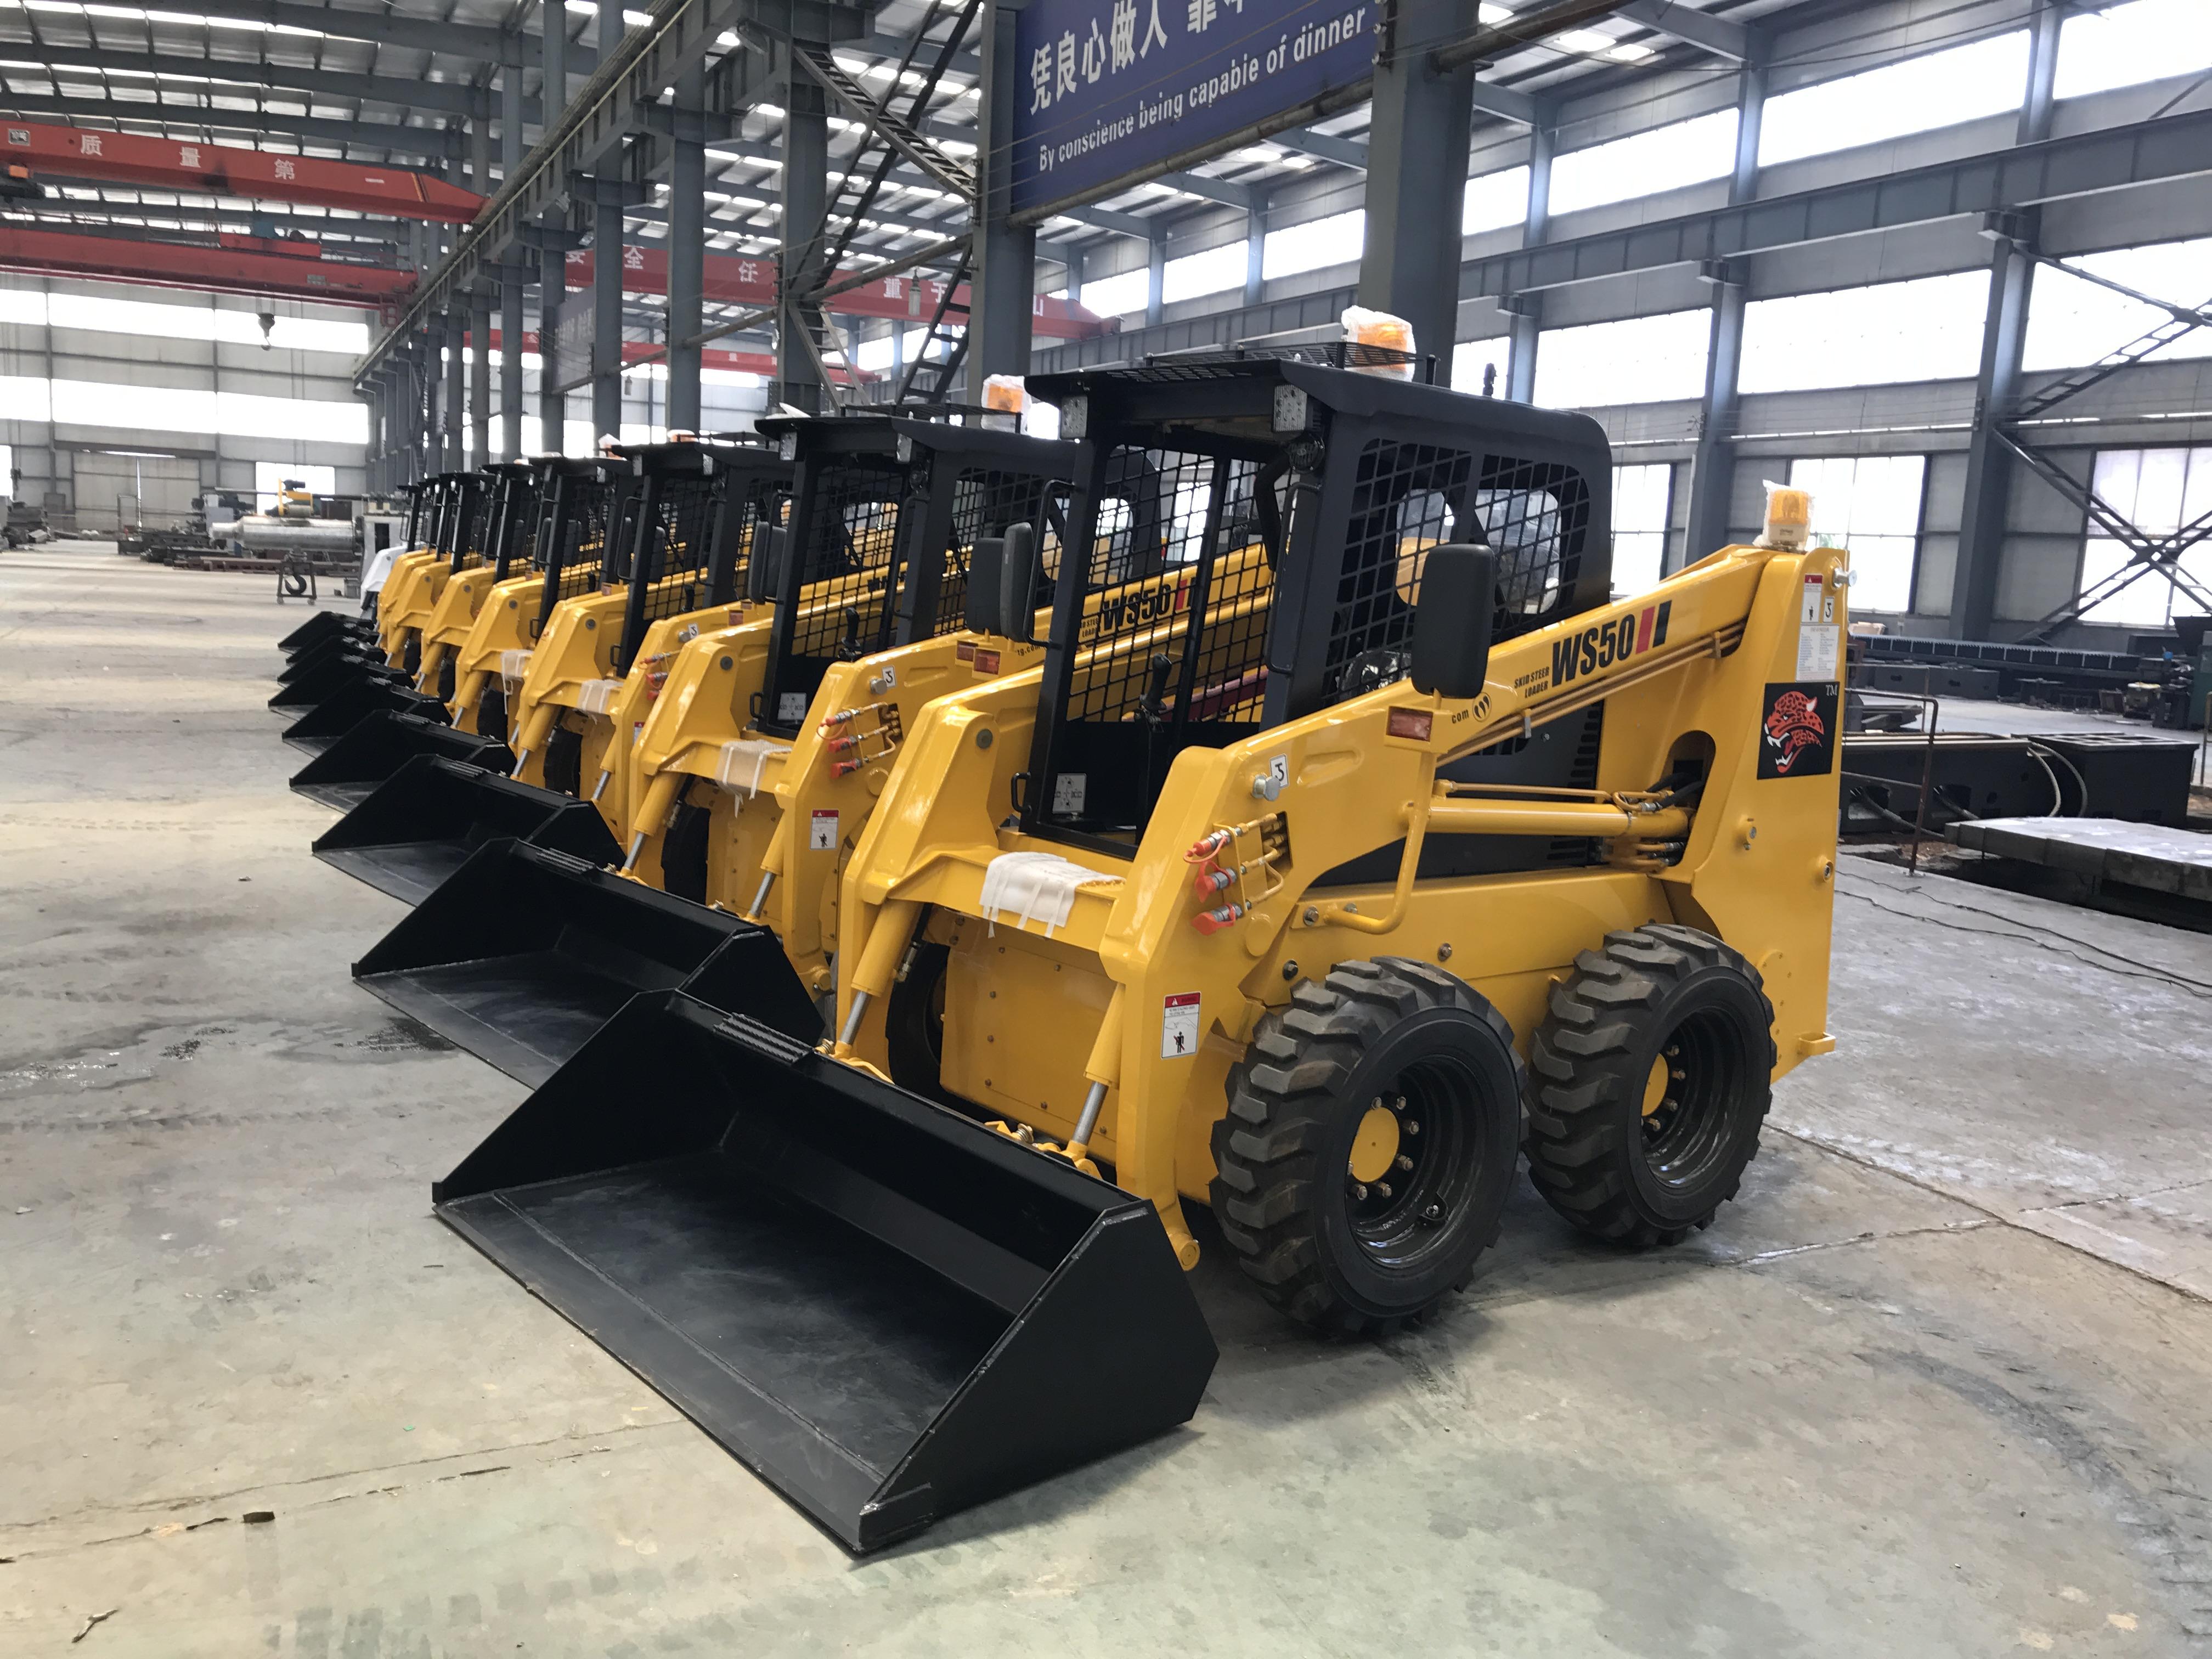 滑移装载机生产商_微型滑移装载机相关